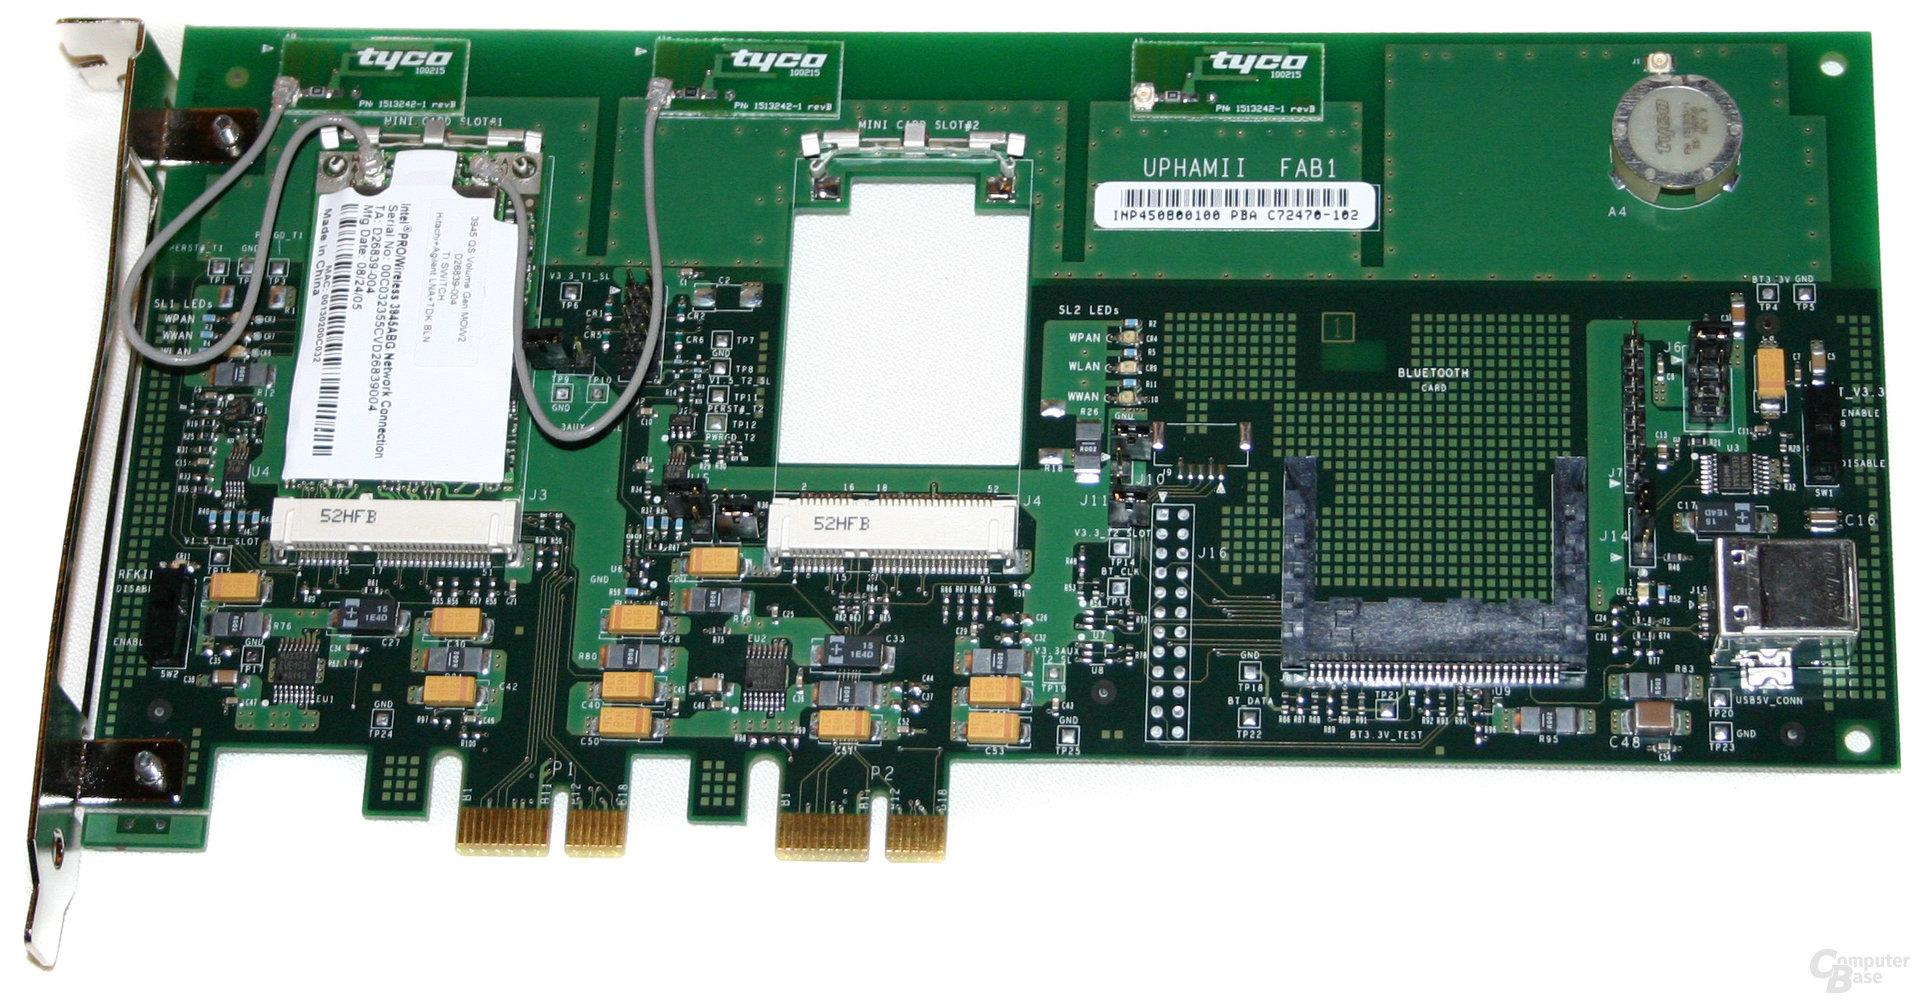 PRO Wireless 3945ABG auf einer Testkarte